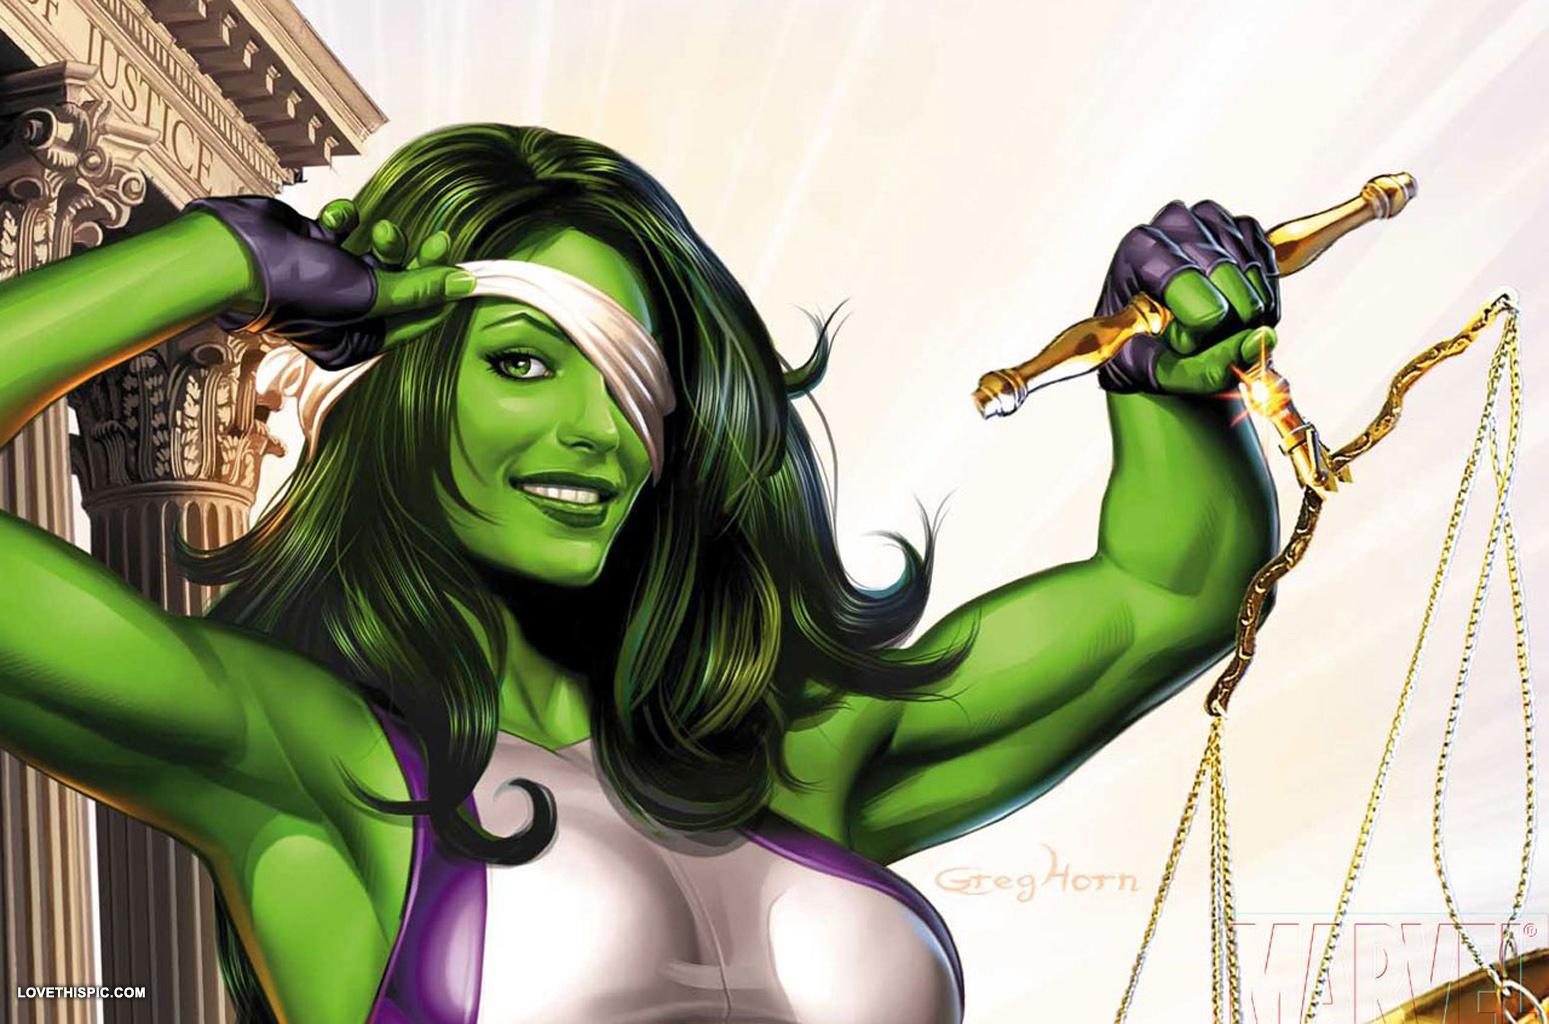 Doctor Who Director Wants She-Hulk